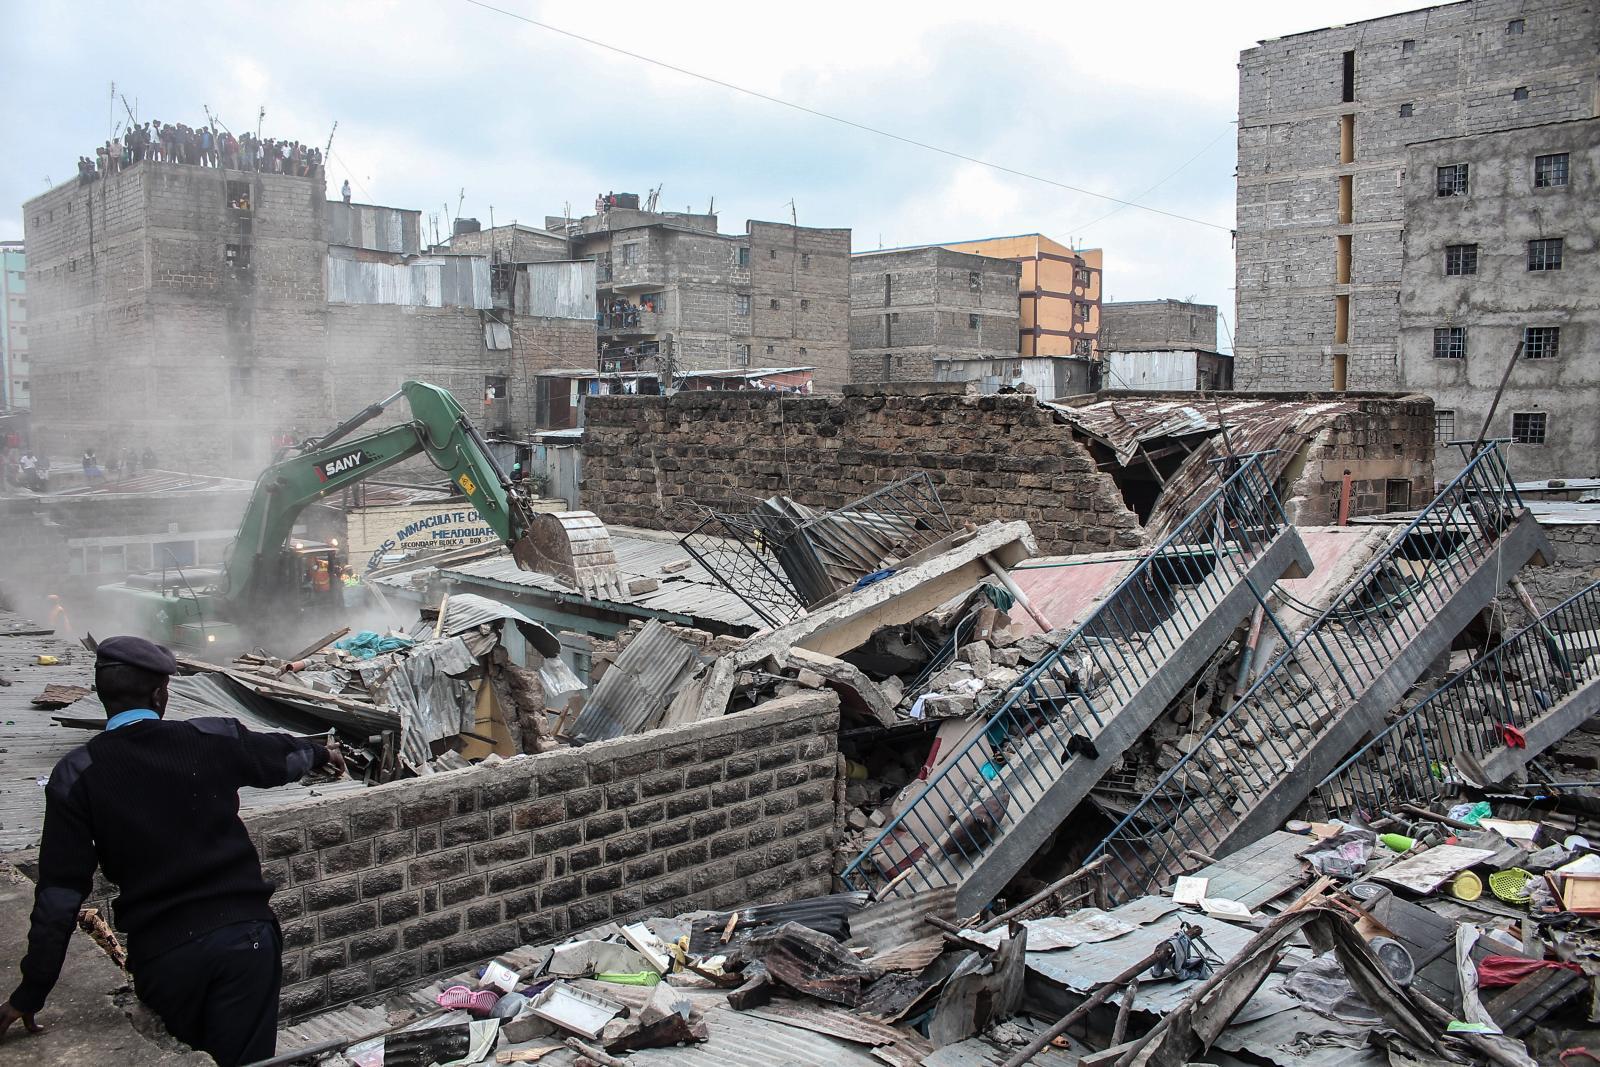 อาคาร 5 ชั้นพังถล่มในเคนยา เจ็บ 3 ตาย 3